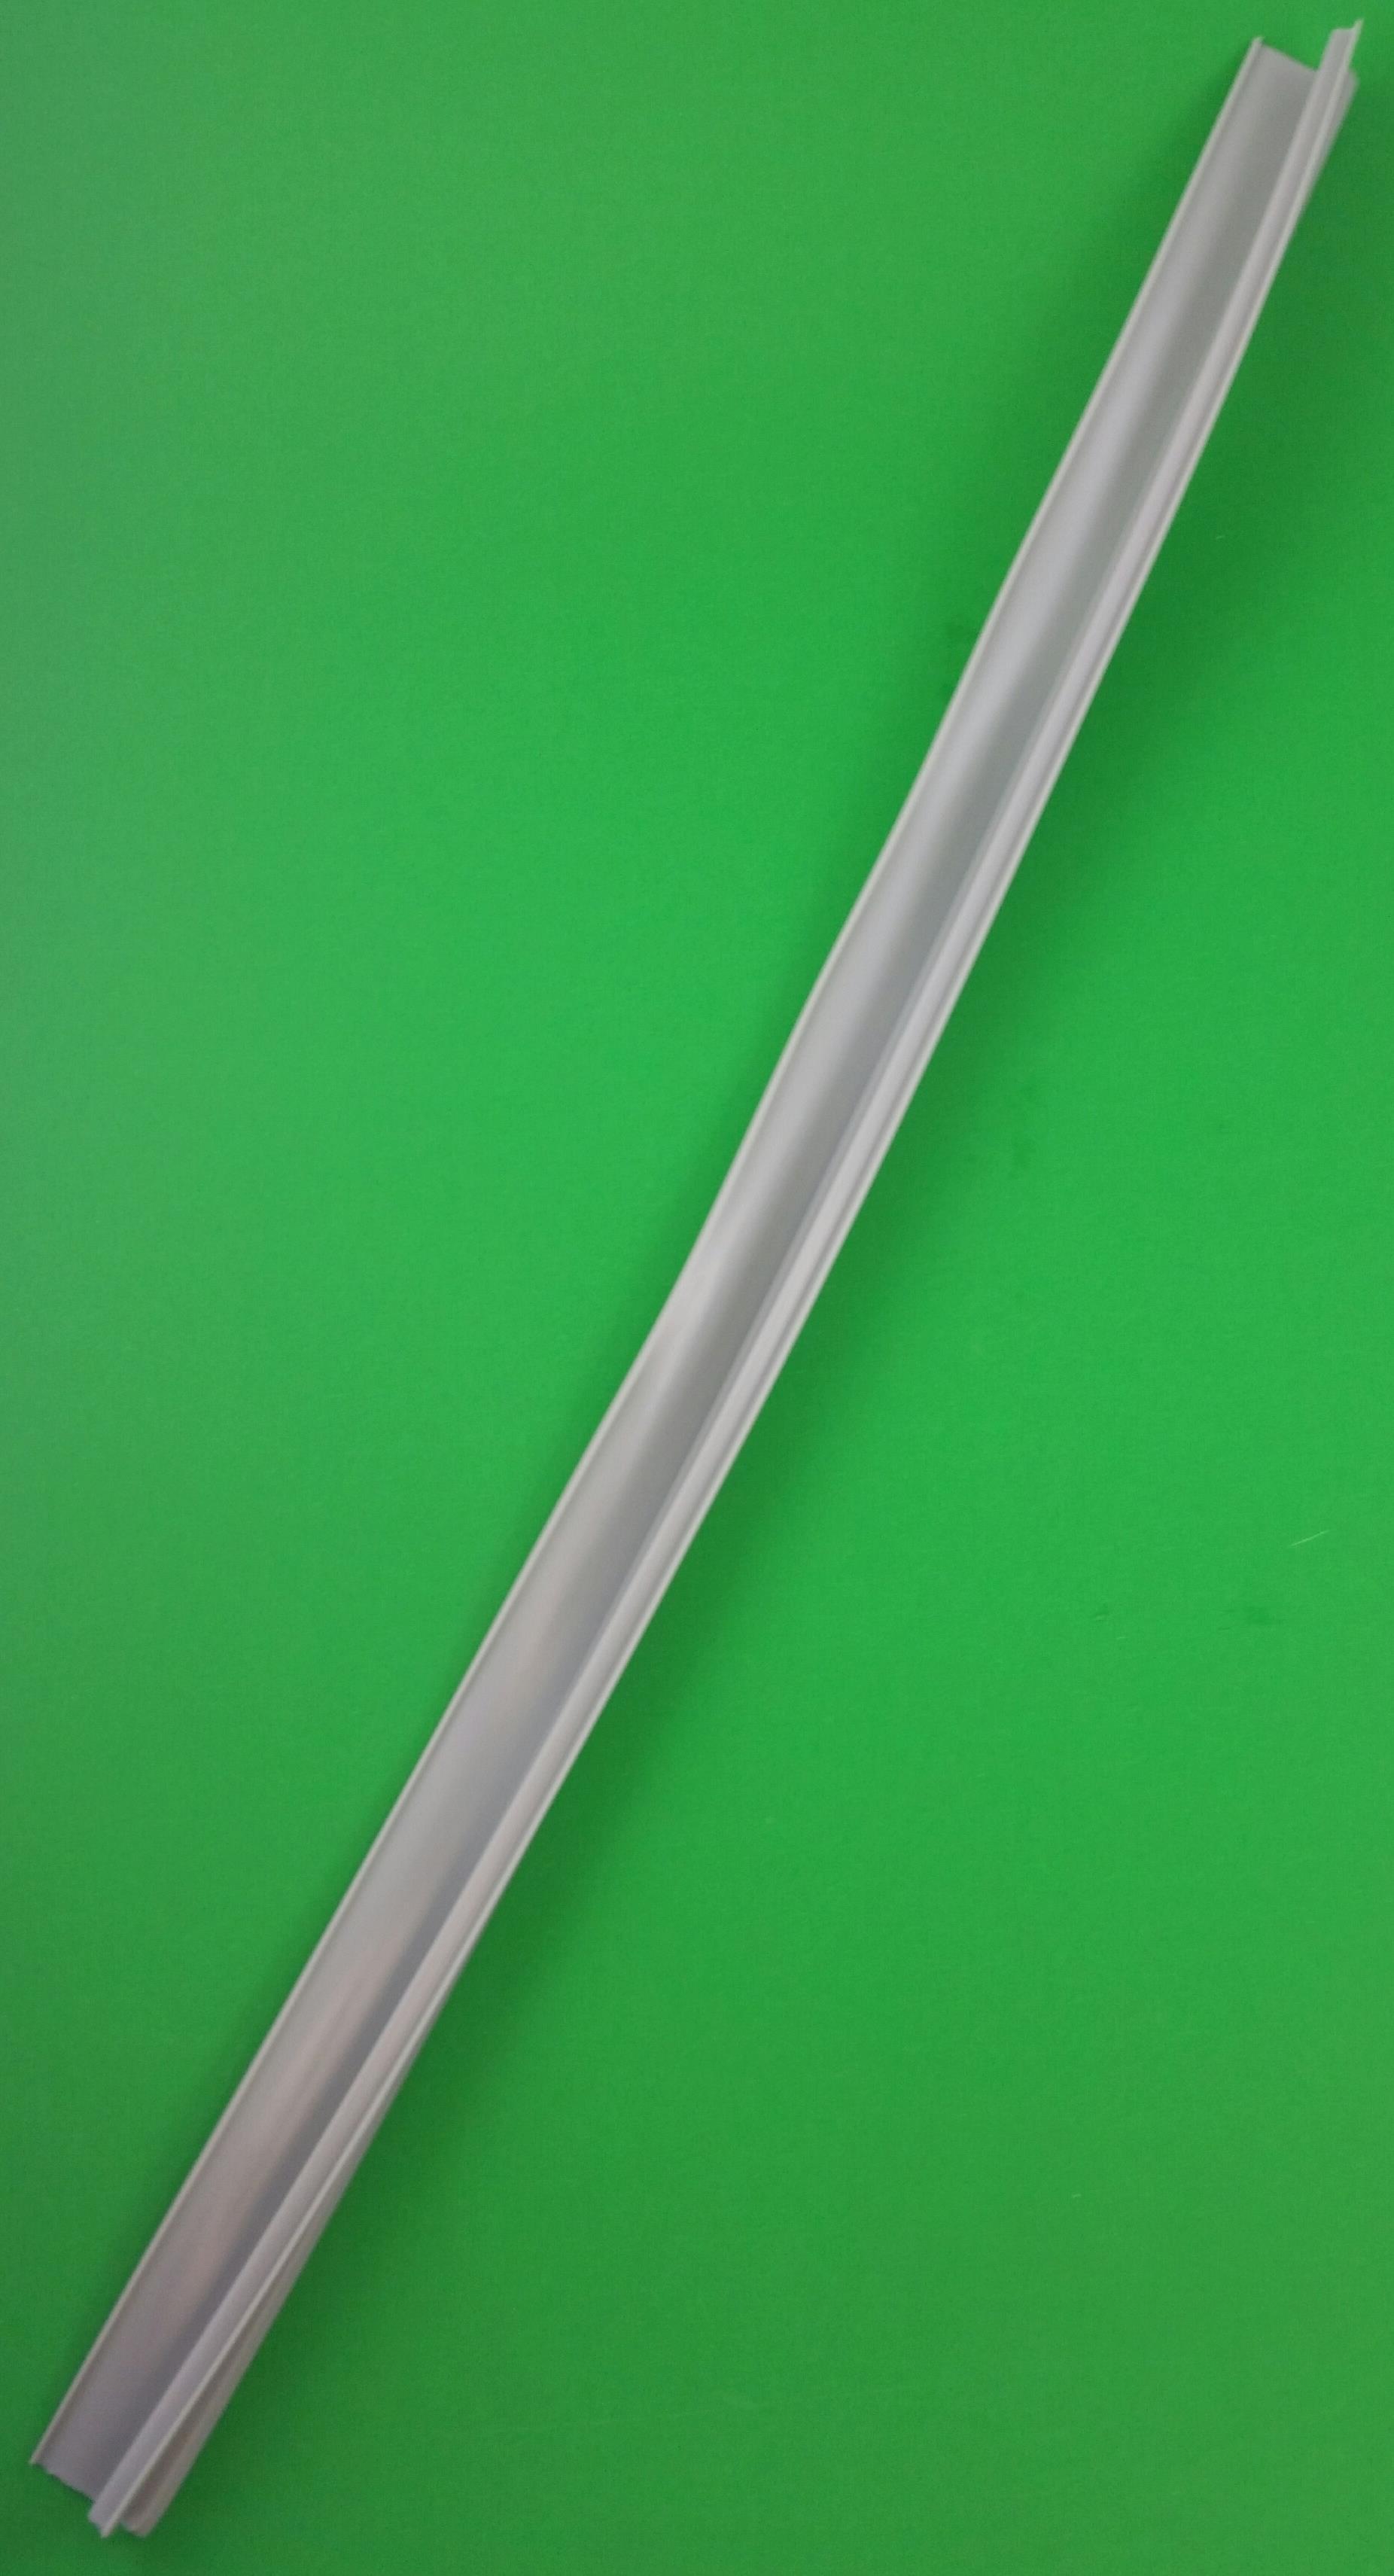 Jayco 0227938 Tent Trailer Door Seal Replaces 0058252